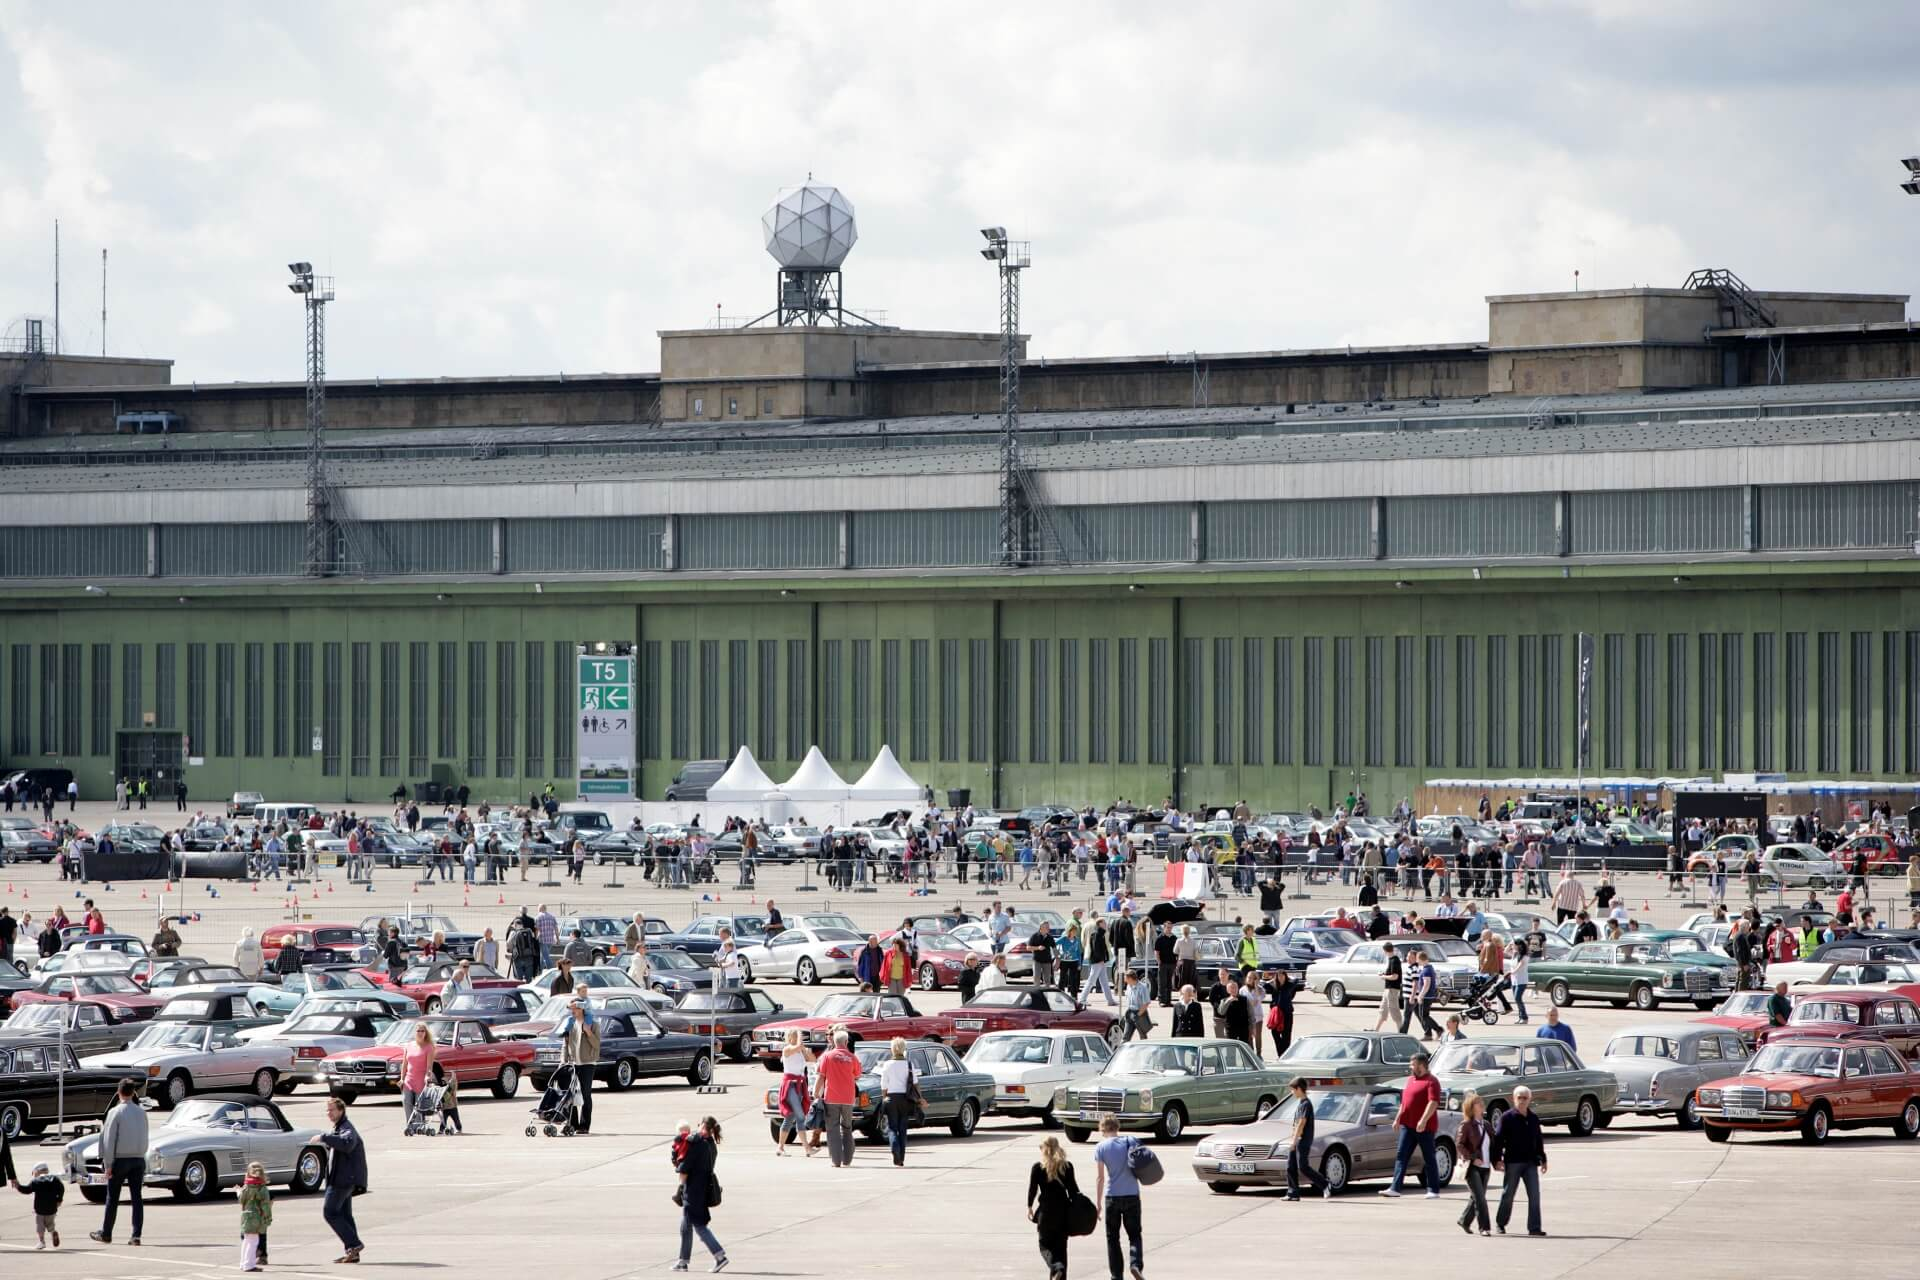 """Starke Markengemeinschaft: Treffen """"Mercedes-Benz & Friends"""" im Jahr 2001 auf dem Gelände des Flughafens Berlin-Tempelhof."""